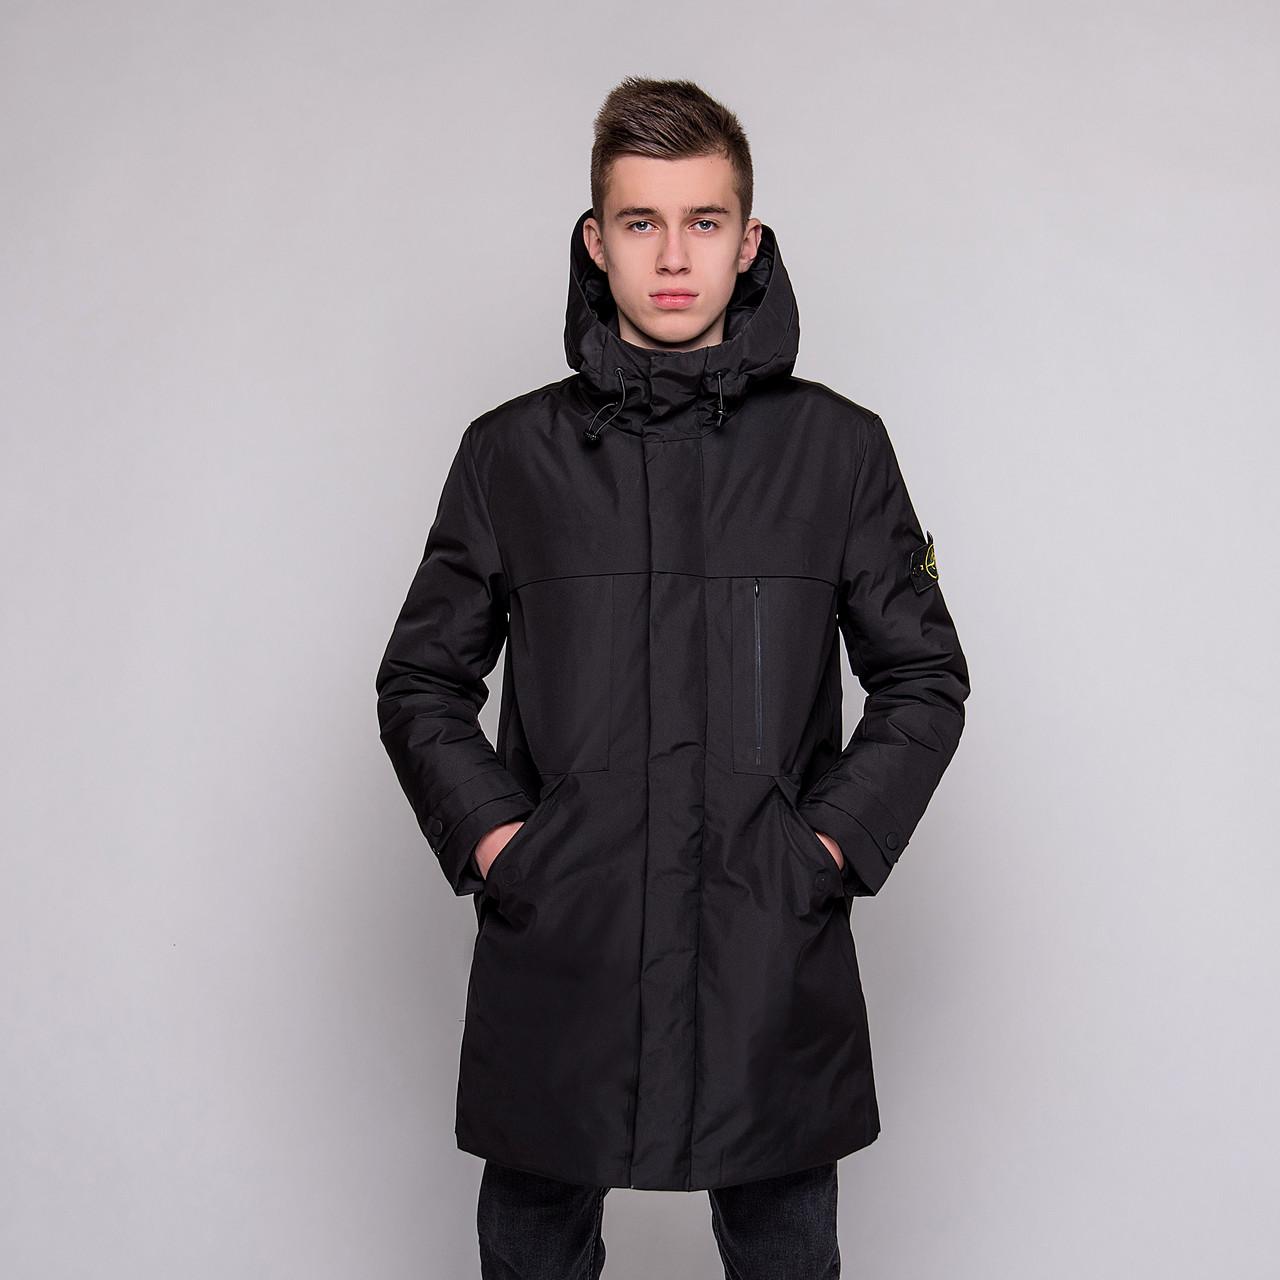 Чоловіча зимова куртка Stone Island, чорного кольору.